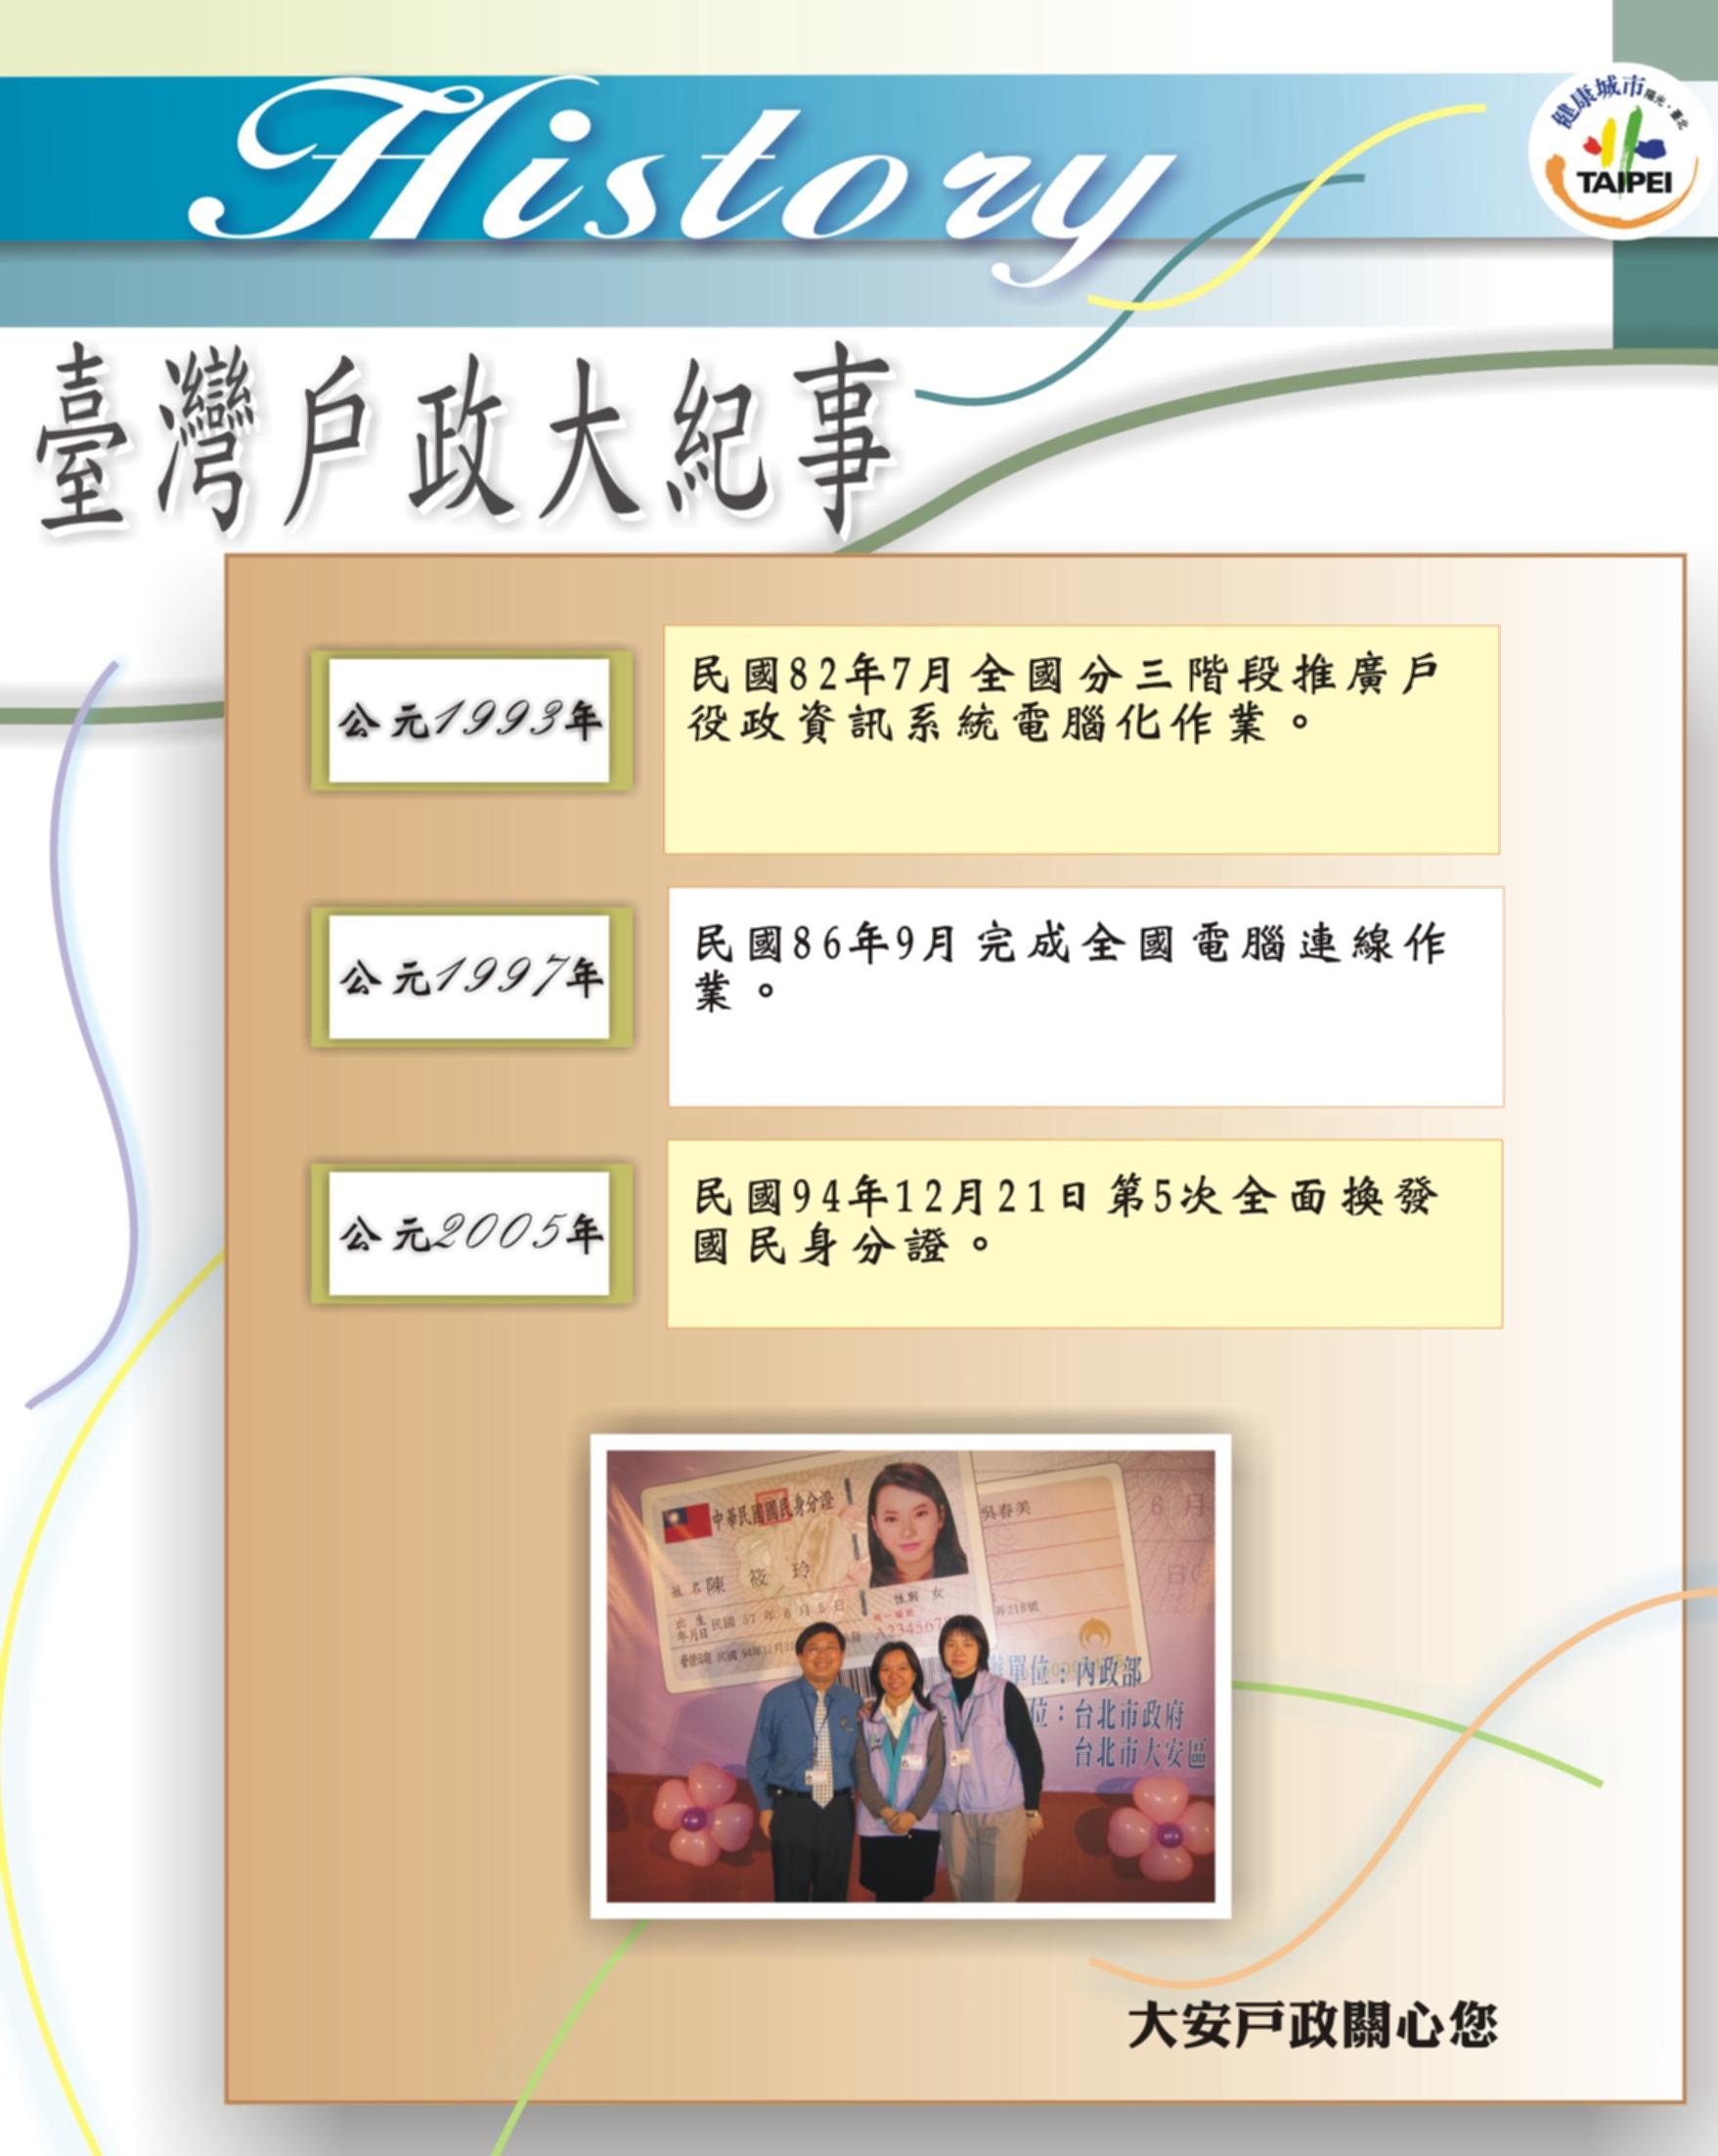 臺灣戶政大紀事公元1993-2005年,點擊此圖片會另開新視窗